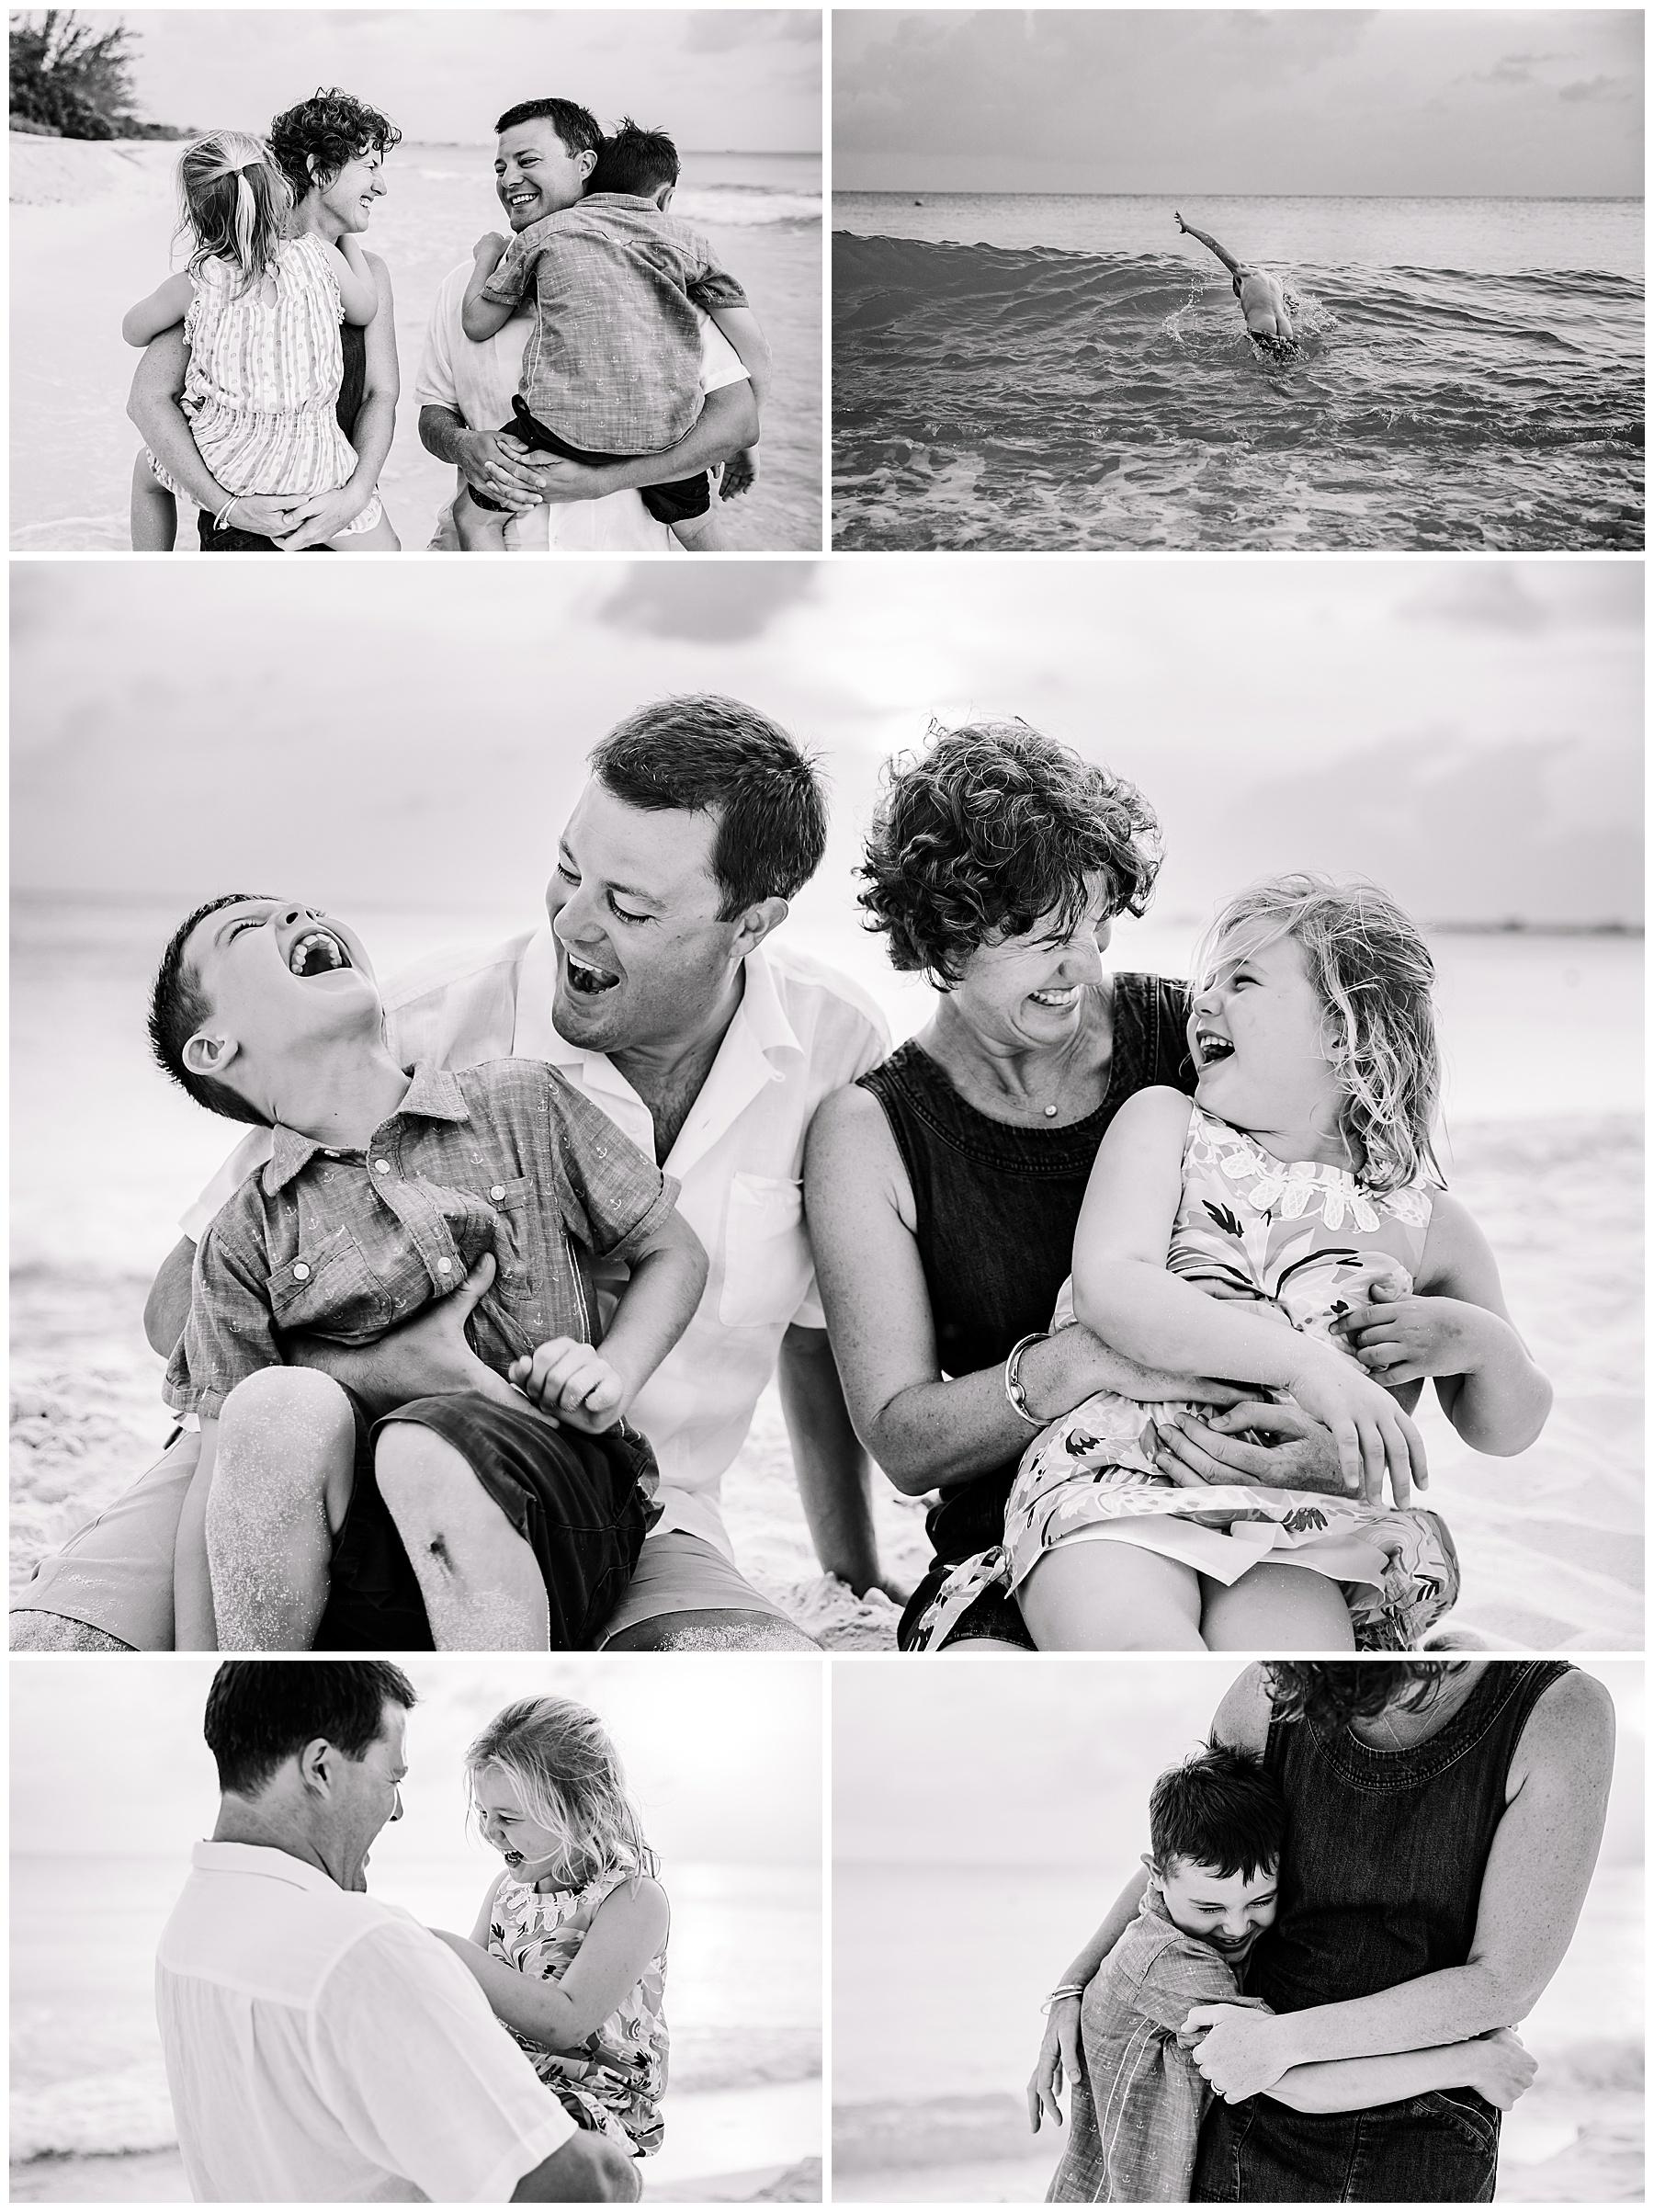 Grand Cayman Family Photographer 7 Mile Beach